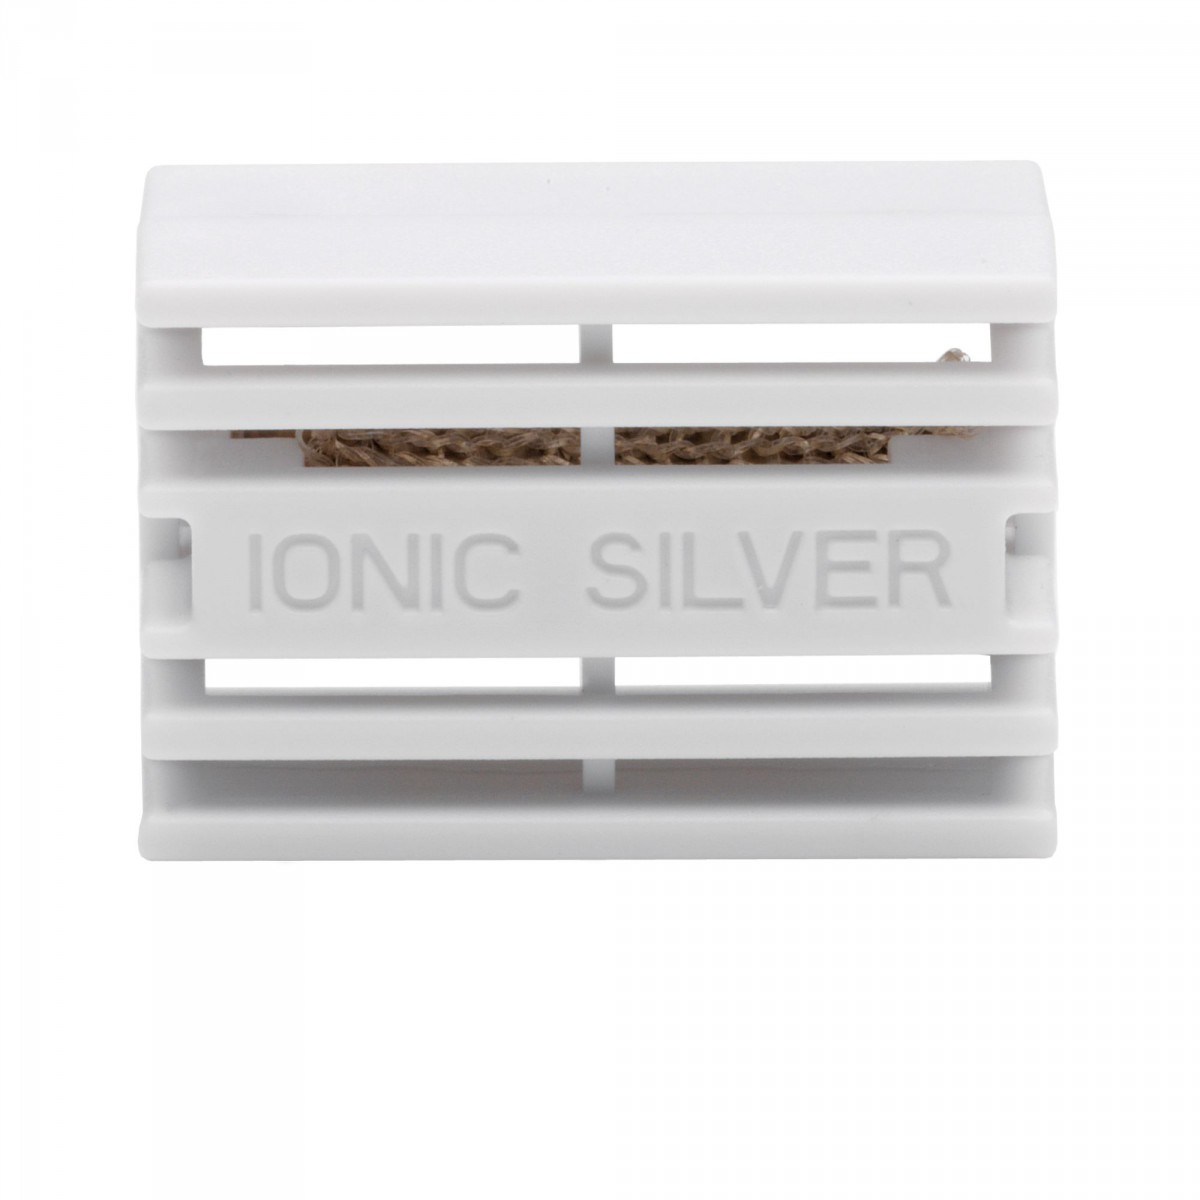 Aнтибактериальный фильтр Stadler Form A-111 Ionic Silver Cube